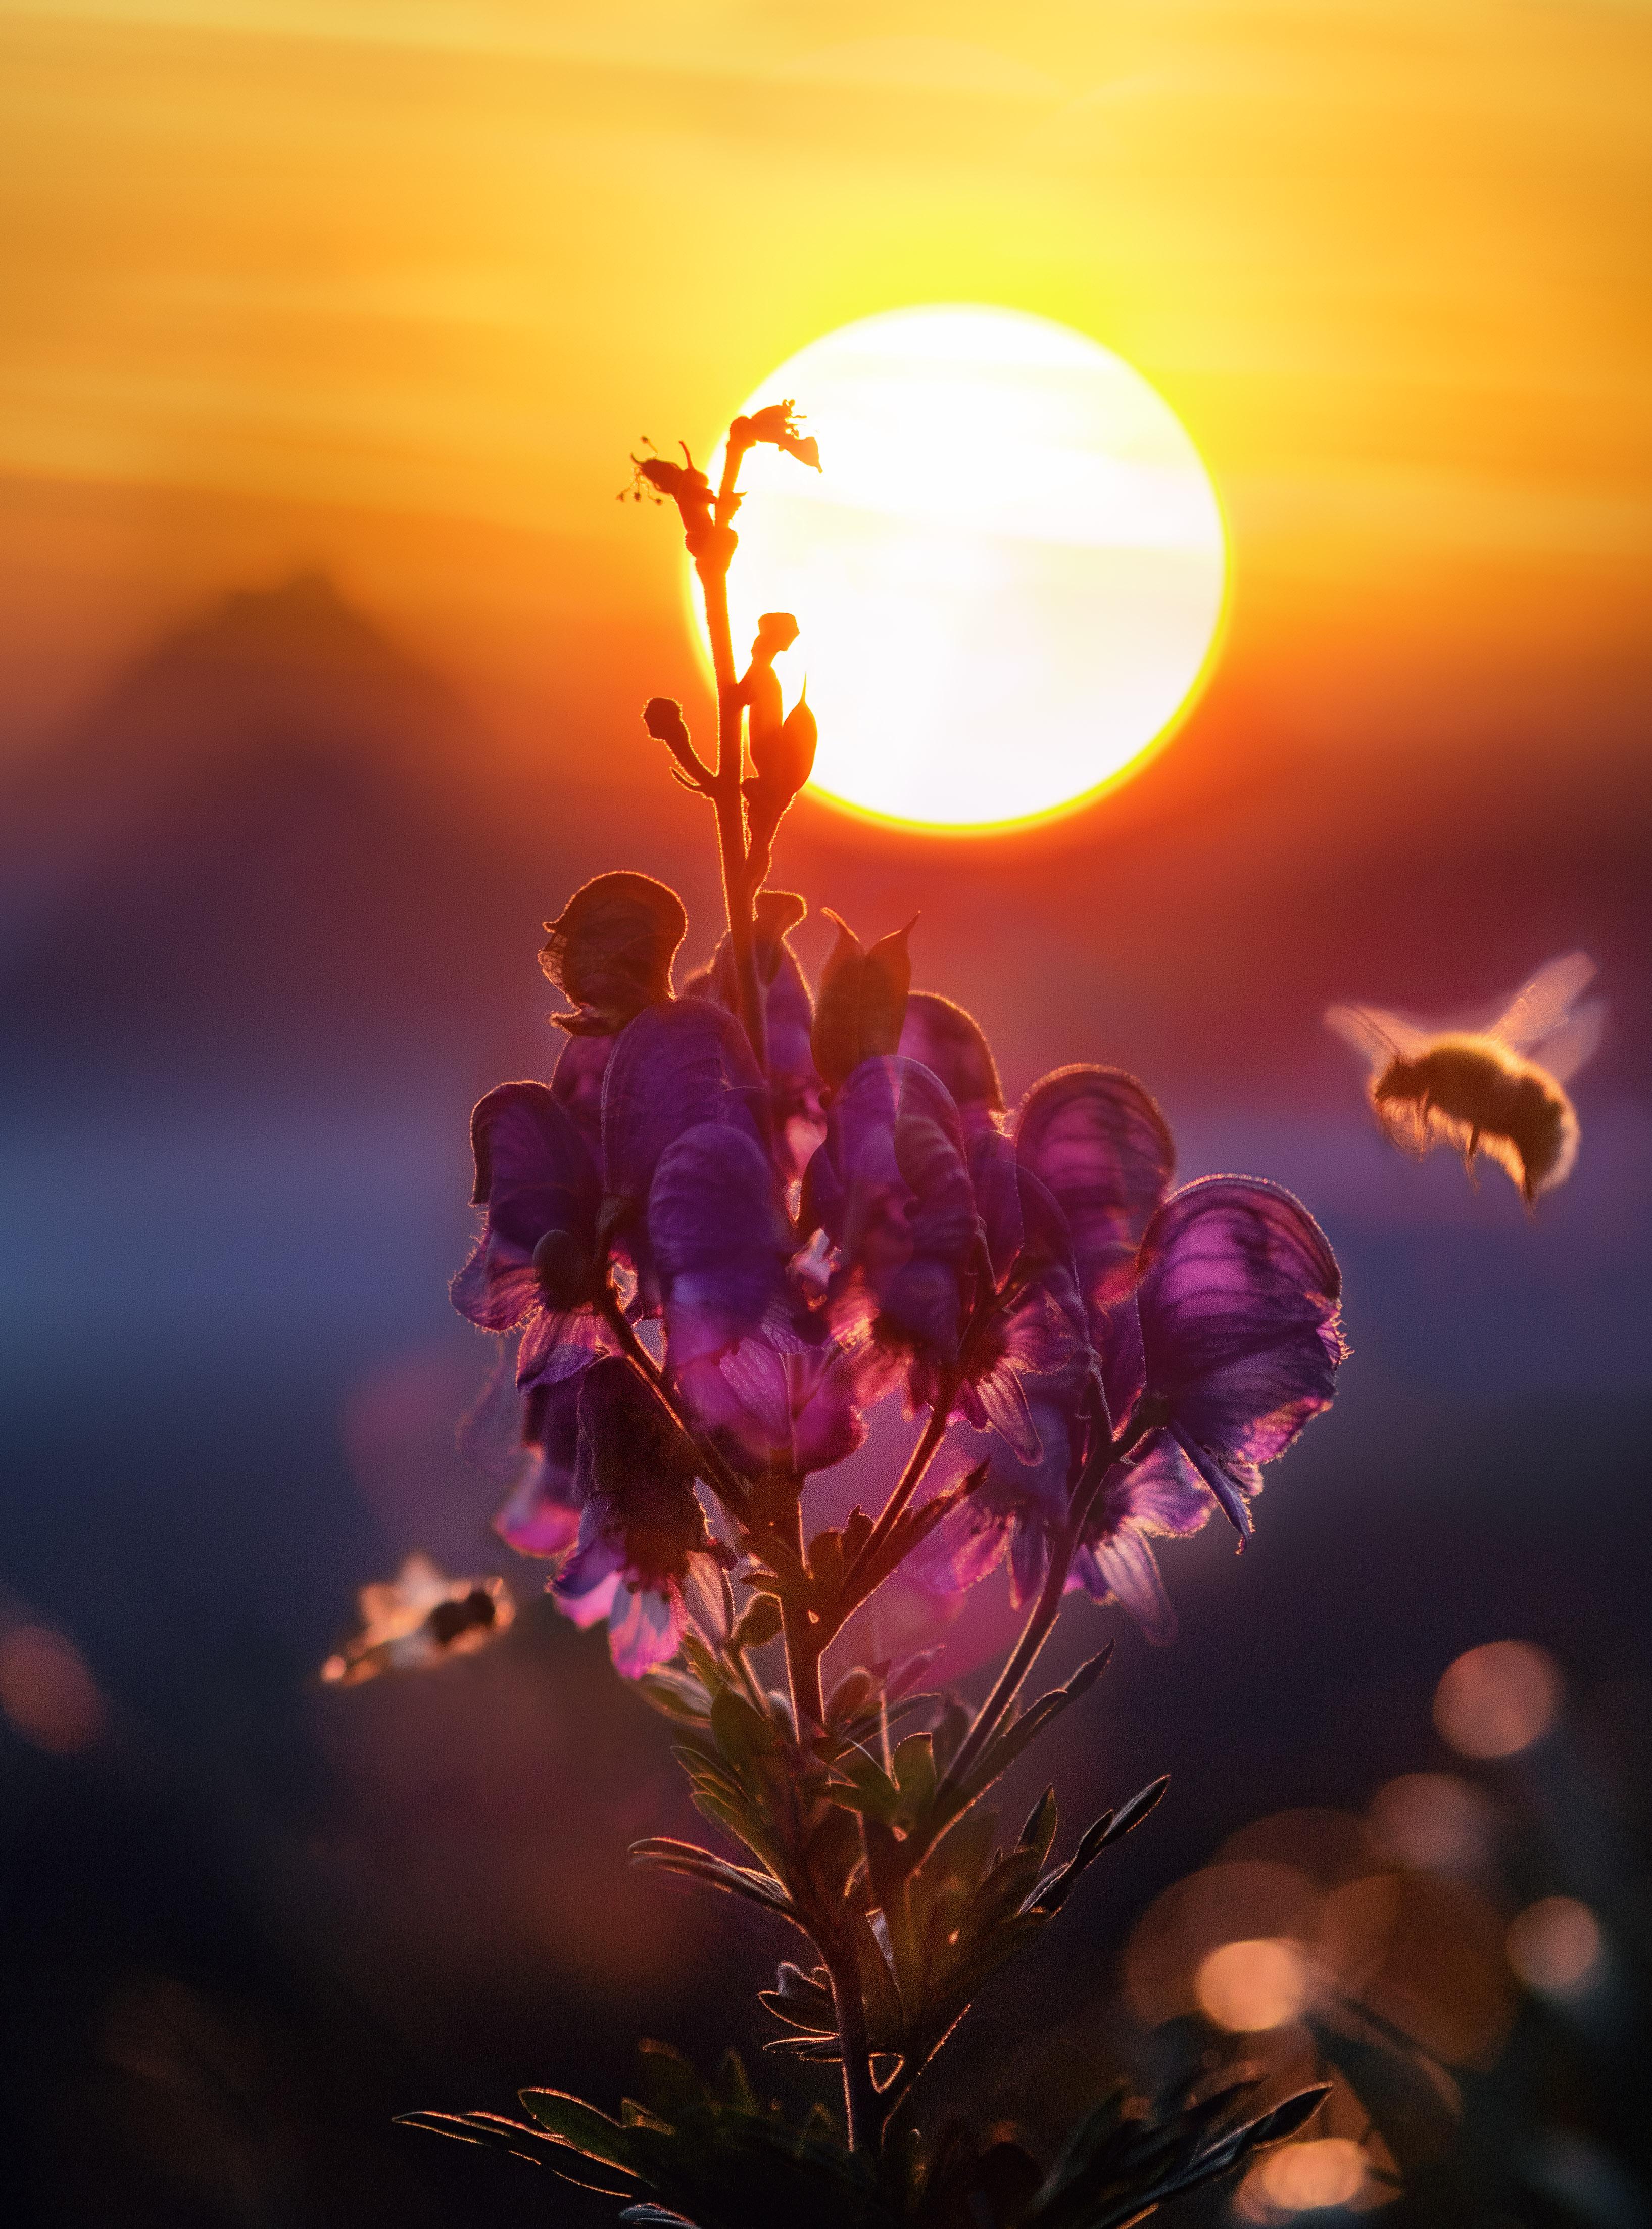 супруга нежная картинки цветы на фоне заката общительные создания нуждаются